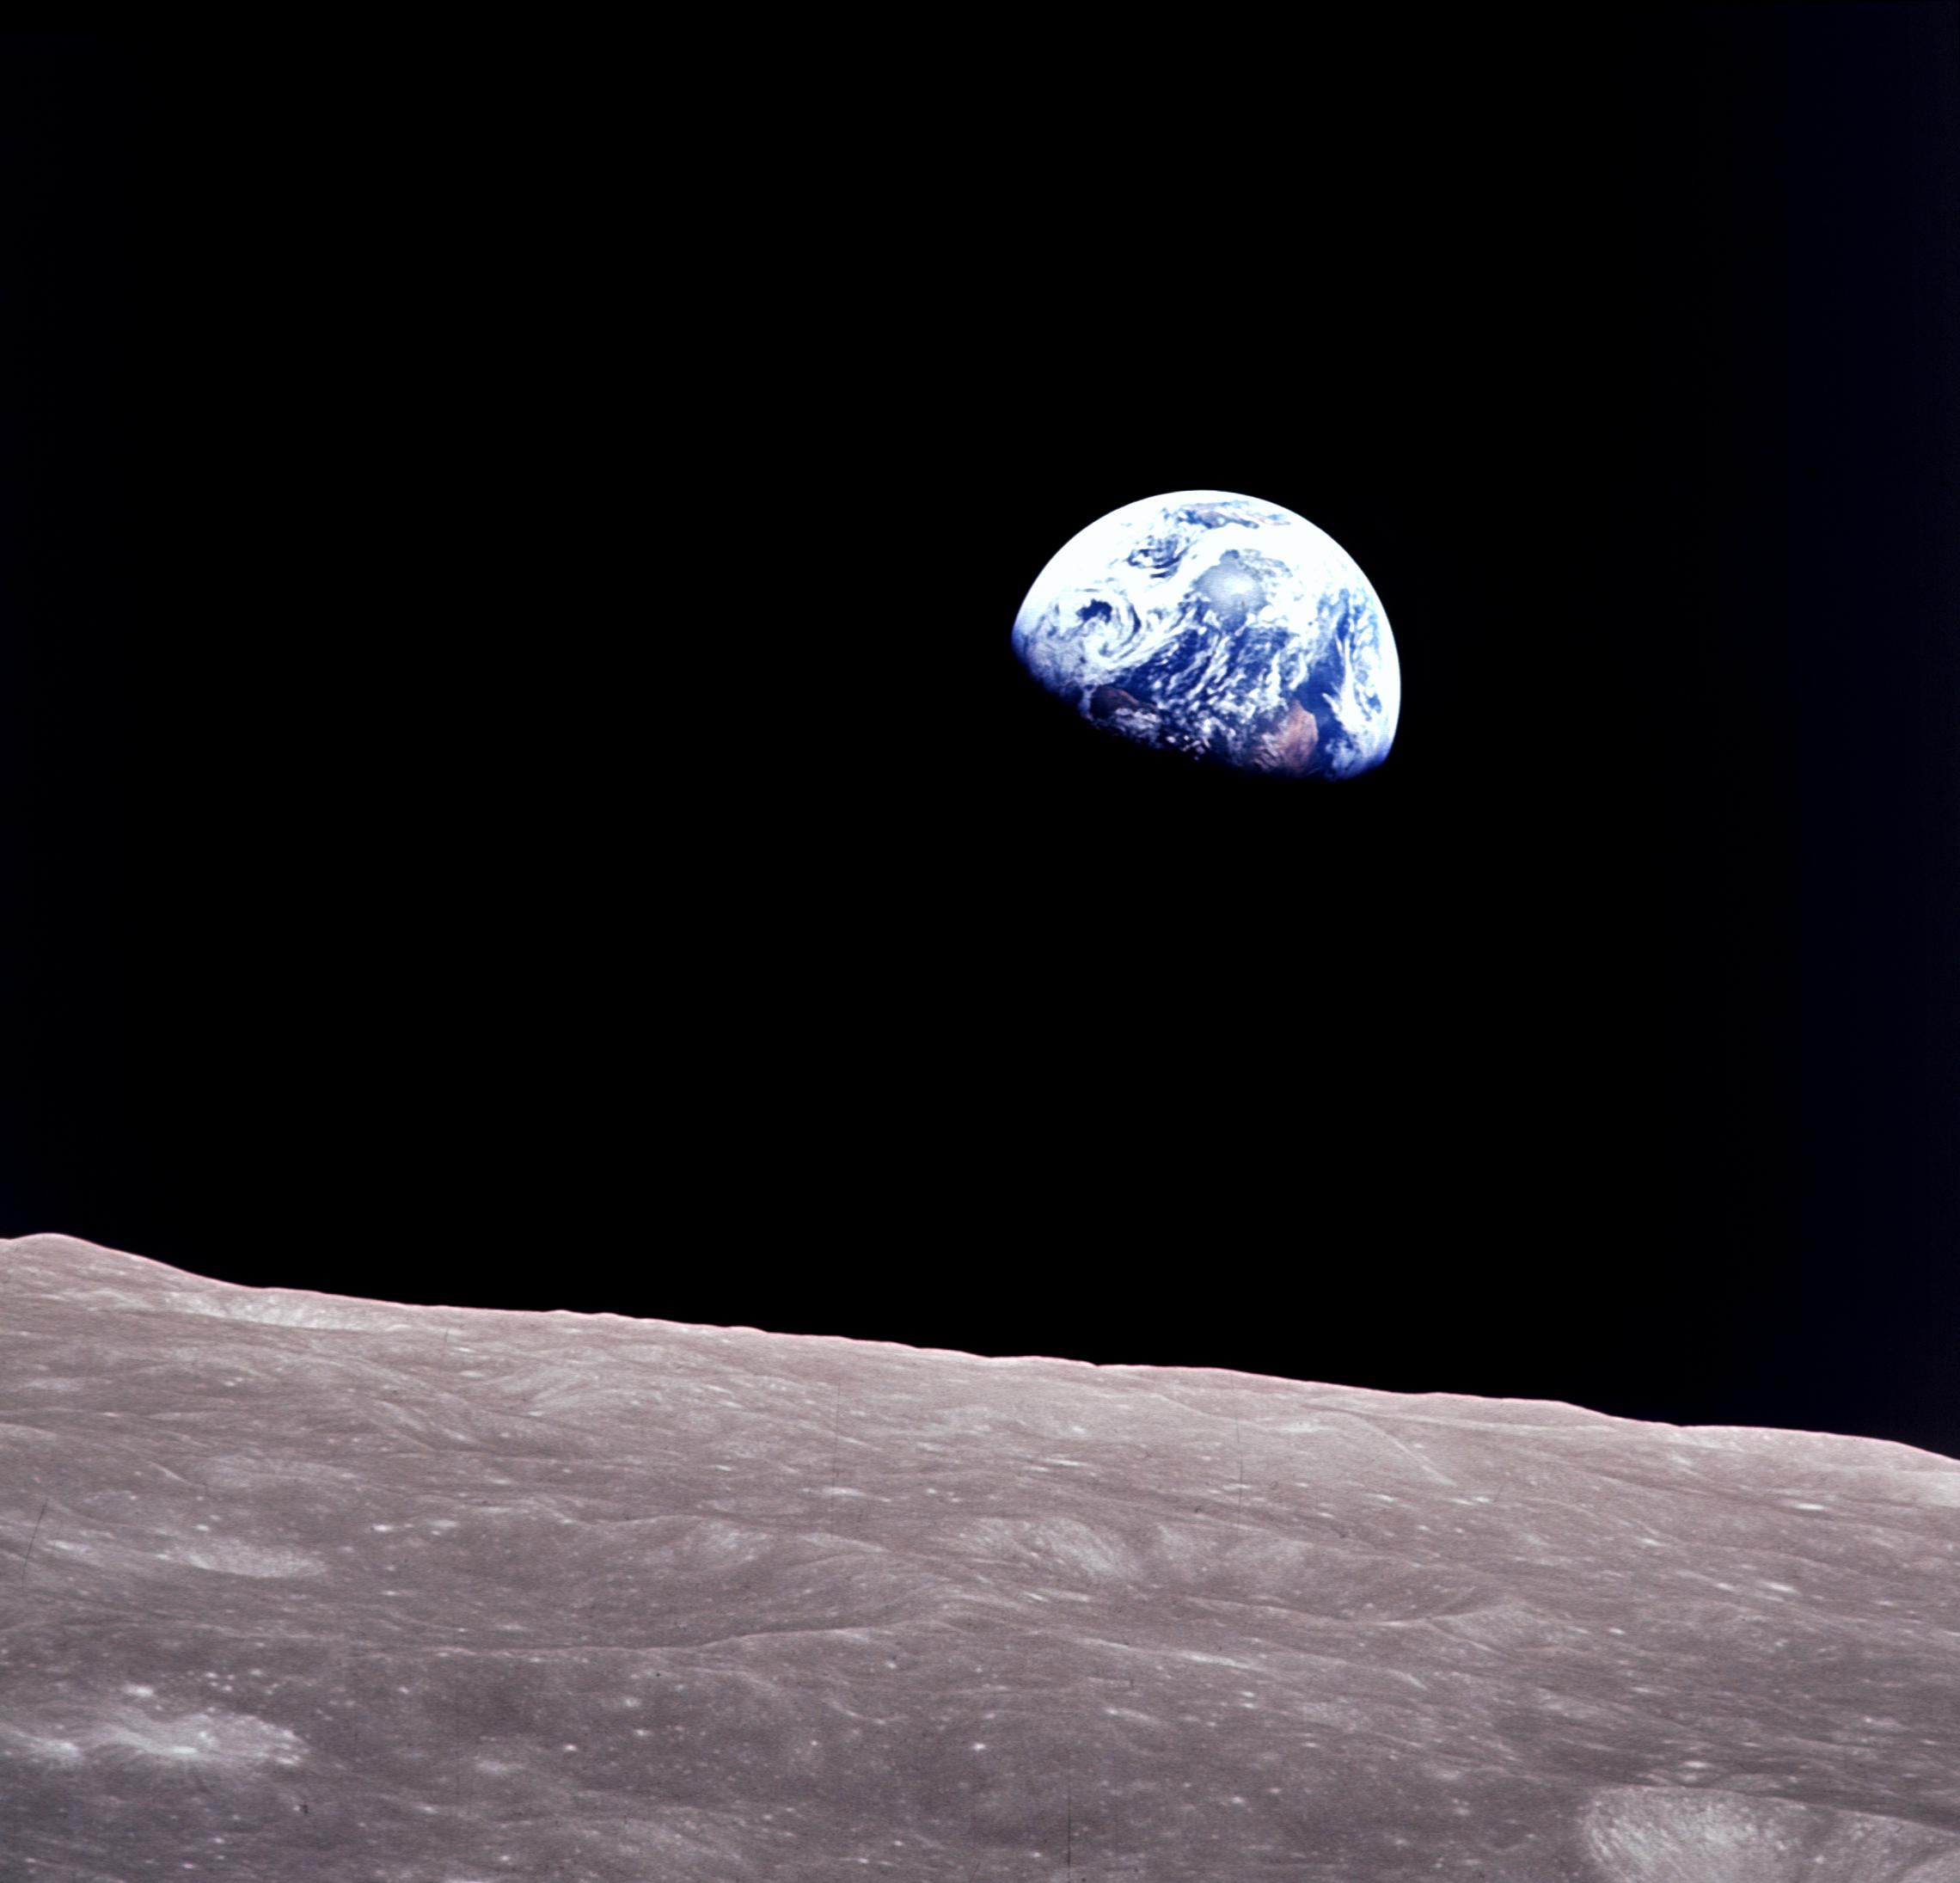 APOLLO 8: dalla Terra alla Luna, quando la fantascienza diventa realtà 50 anni apollo 11, Alessia Cassetti, apollo 8, Associazione LOfficina, astronautica, luna, missioni spaziali, news, saturno 5, spazio, terra